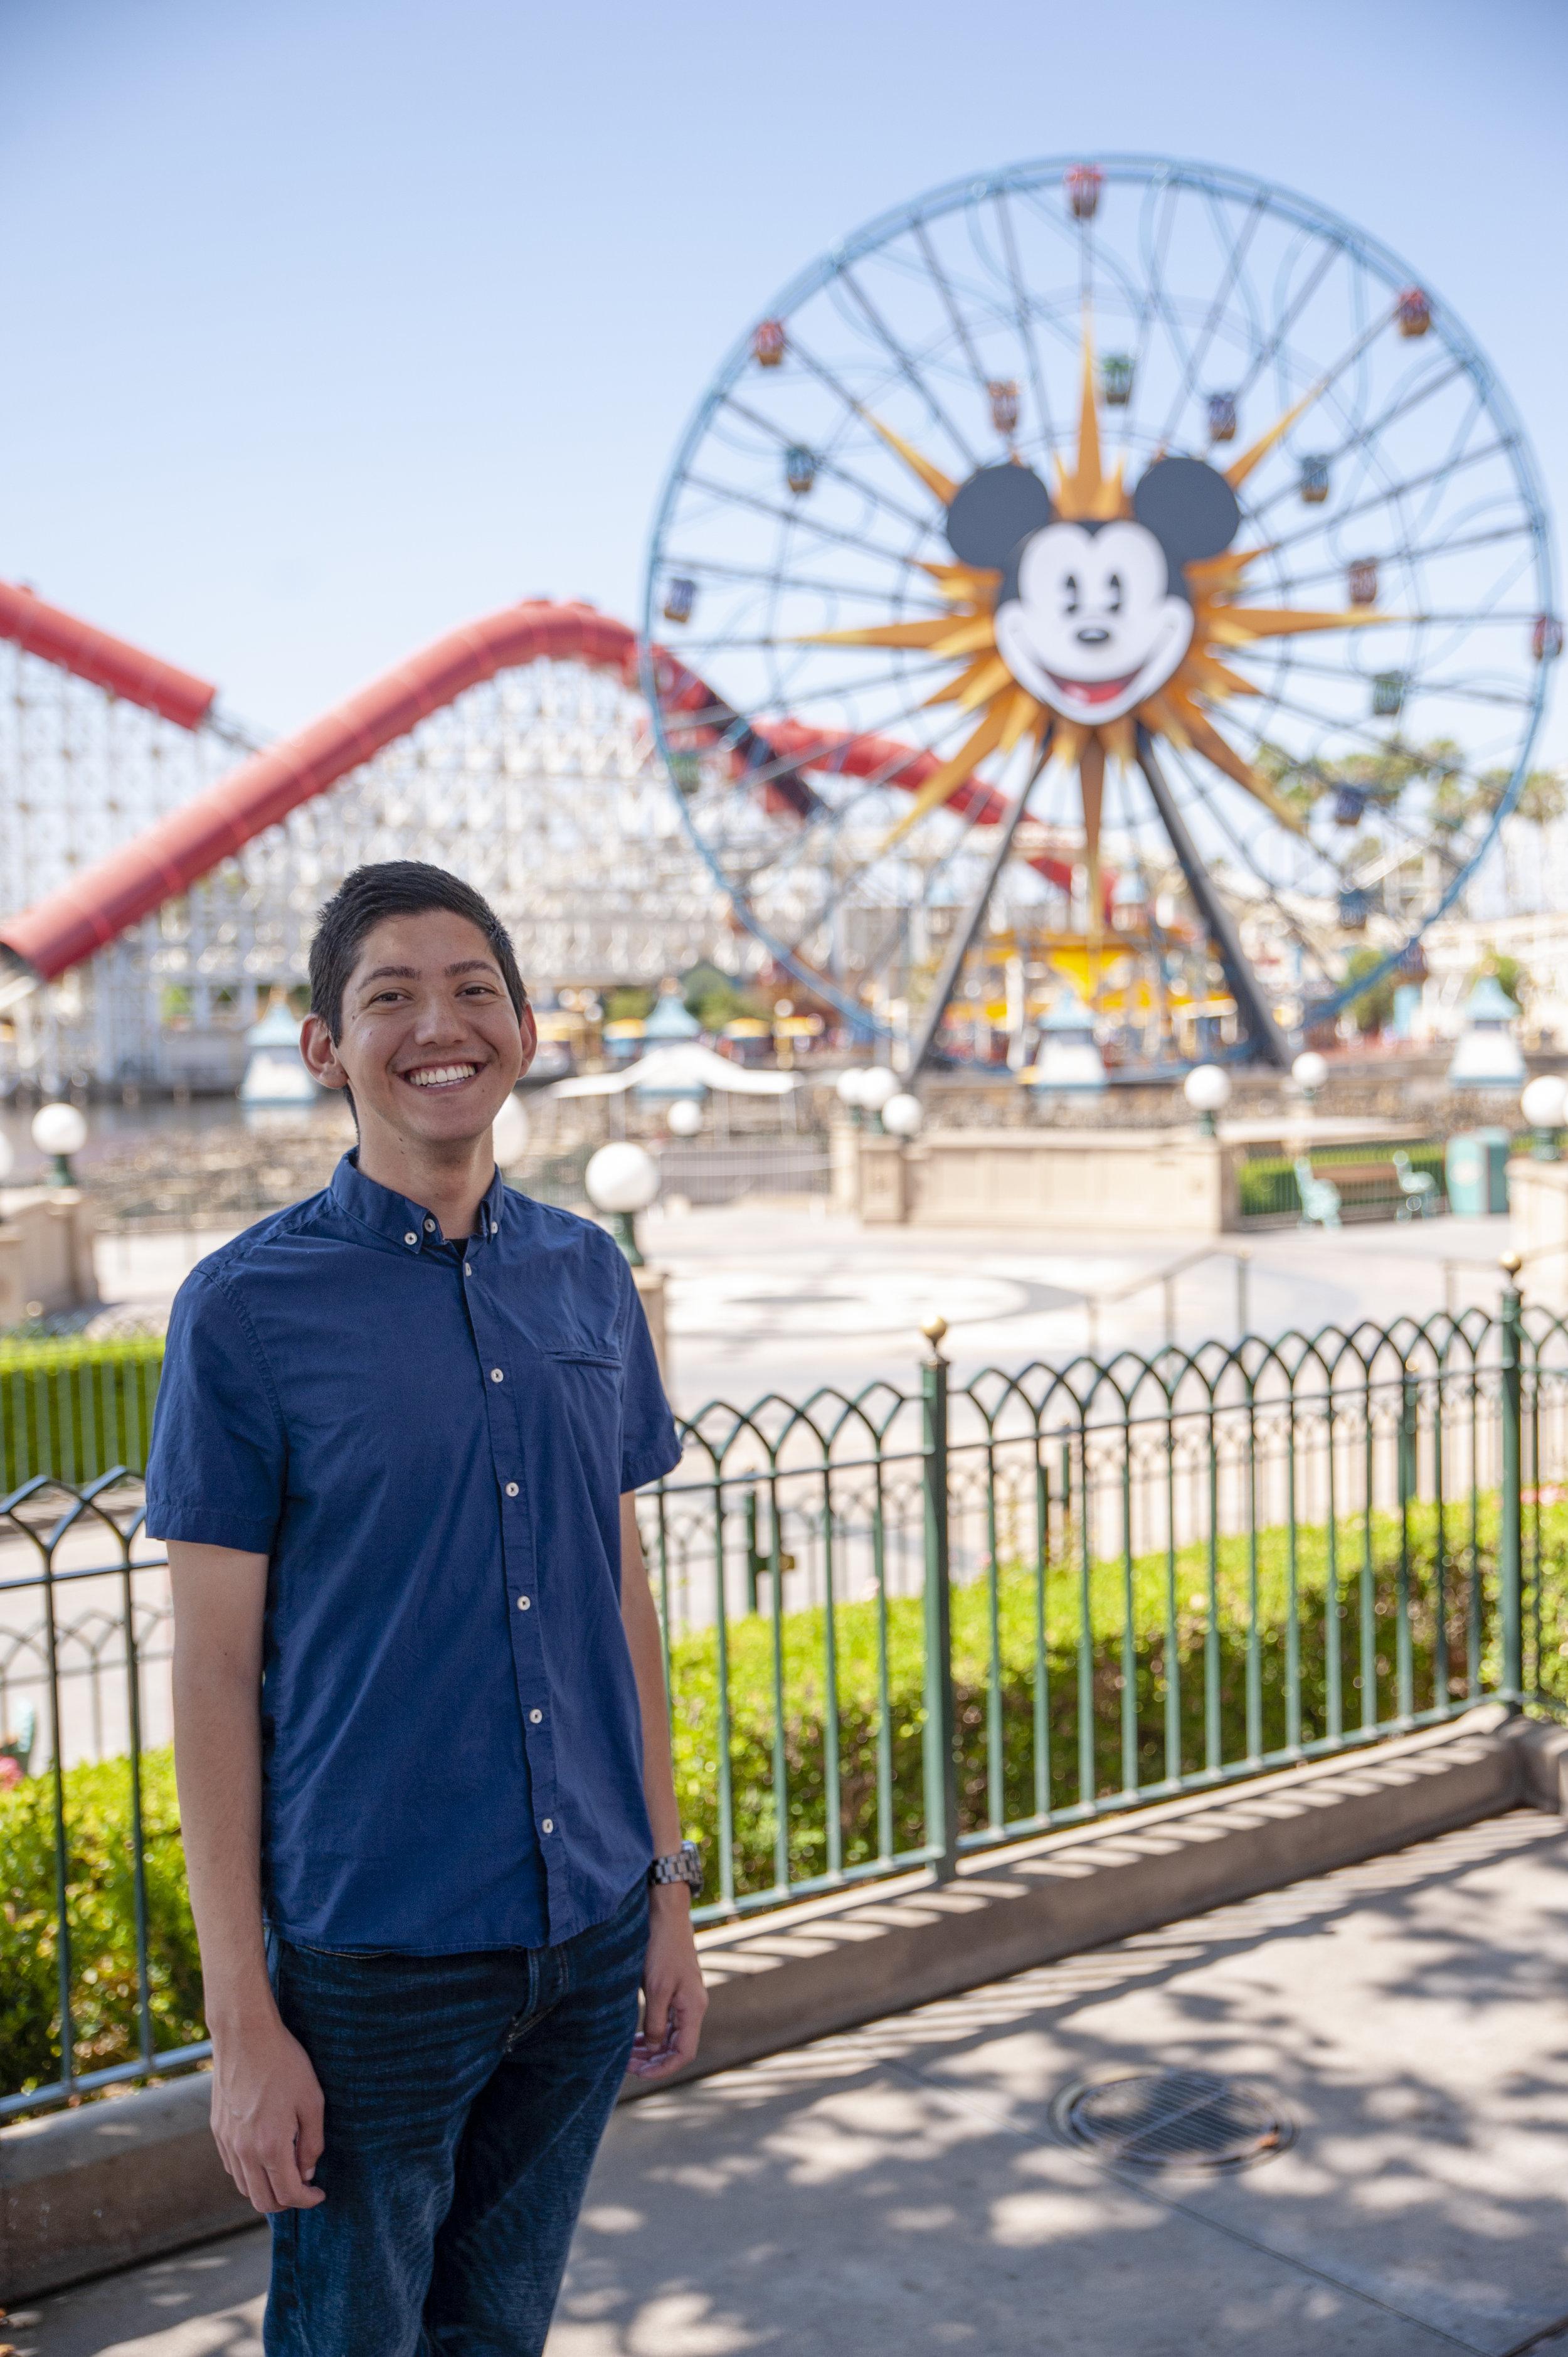 Me at Pixar Pier